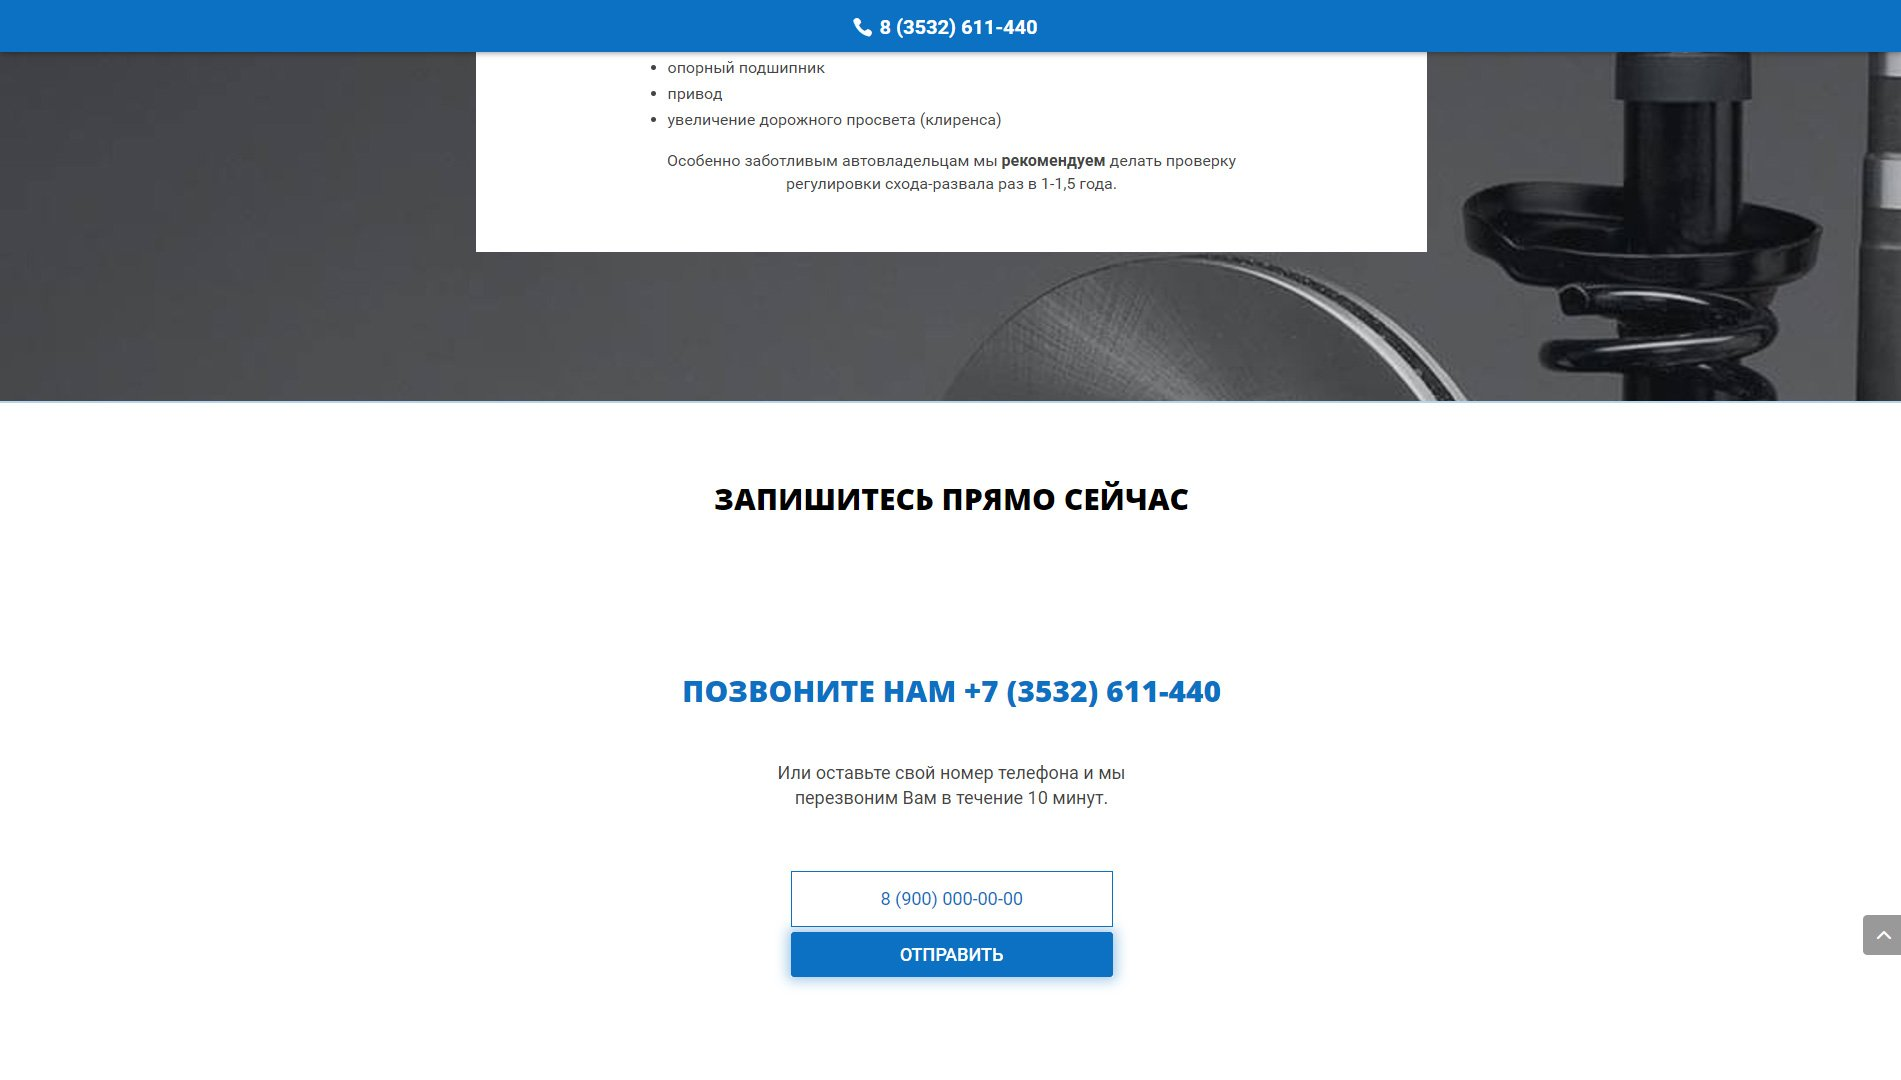 Создание сайта RazvalShod.ru - Развал-схождение в Оренбурге.